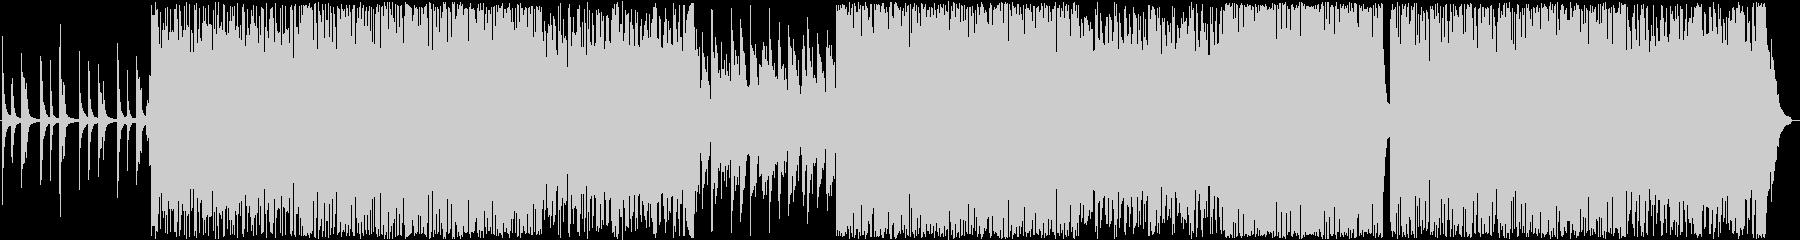 ゴシックオープニング(三拍子)の未再生の波形